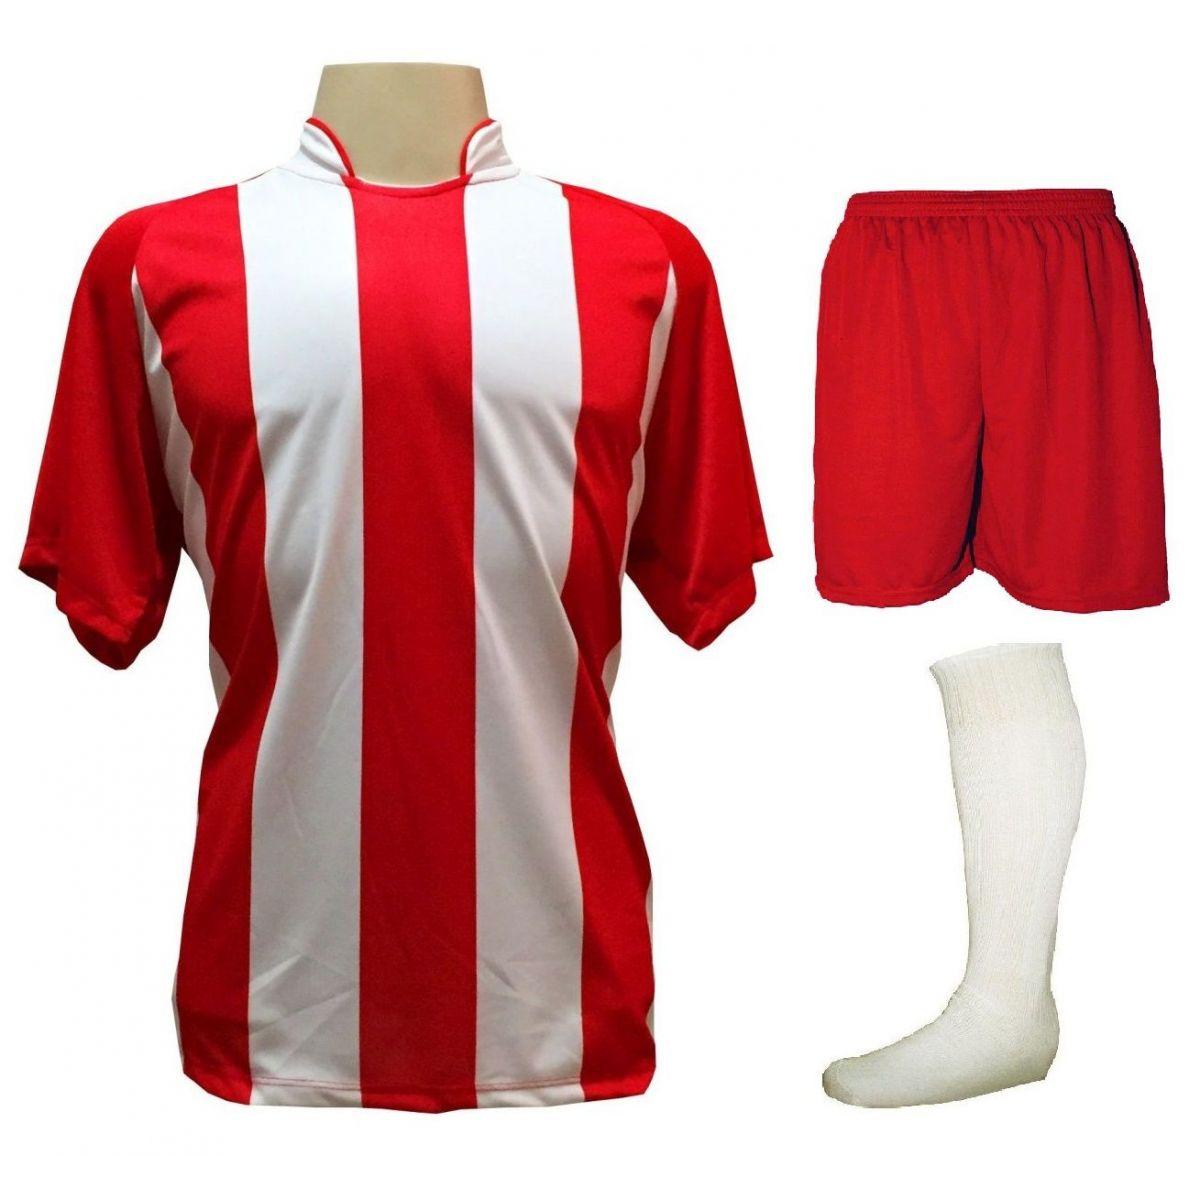 358cba8d05 Uniforme Esportivo com 20 camisas modelo Milan Vermelho Branco + 20 calções  modelo Madrid Vermelho